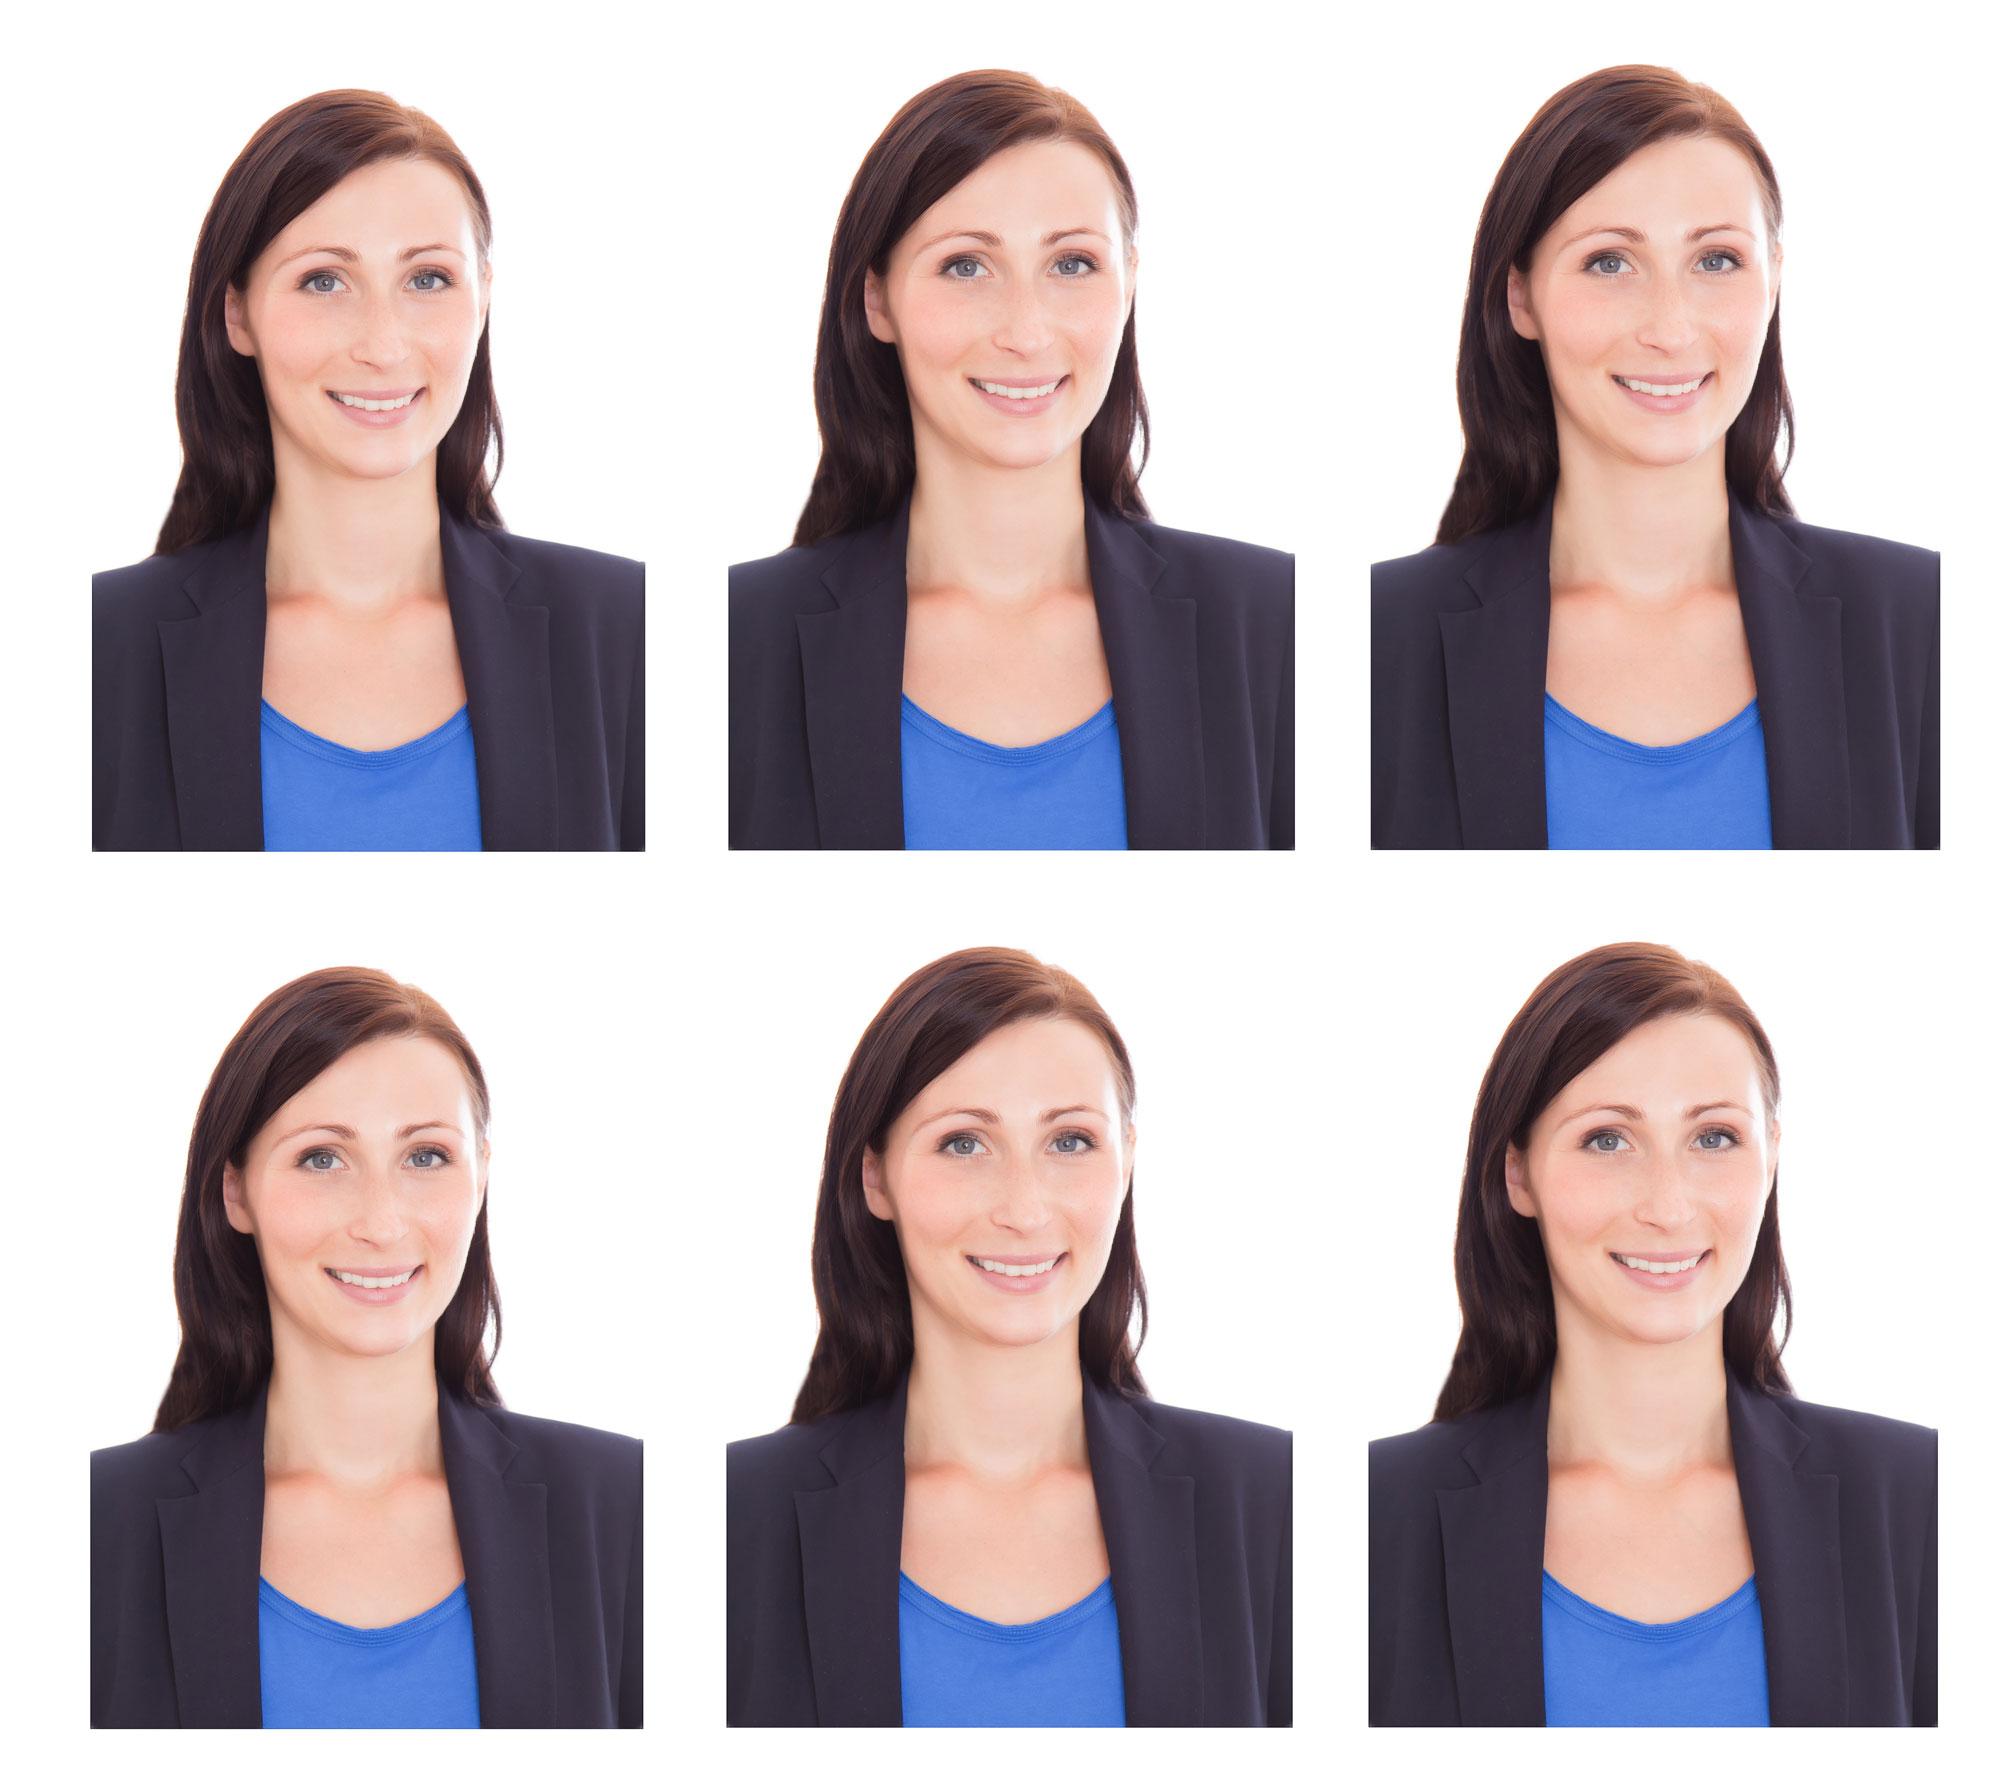 Ein Passbild ist biometrisch, wenn es bestimmte Anforderungen erfüllt, die zur erleichterten Gesichtserkennung anhand des Bildes beitragen. Übliche Anforderungen sind: frontale Aufnahme festgelegte Position des Kopfes im Bild strukturloser Hintergrund (z. B. hellgrau) neutraler Gesichtsausdruck gute Ausleuchtung ohne Reflexionen und Schatten auf Gesicht und Hintergrund Ob ein Passbild biometrisch ist, hat nichts damit zu tun, ob die Speicherung auf dem Pass elektronisch erfolgt.